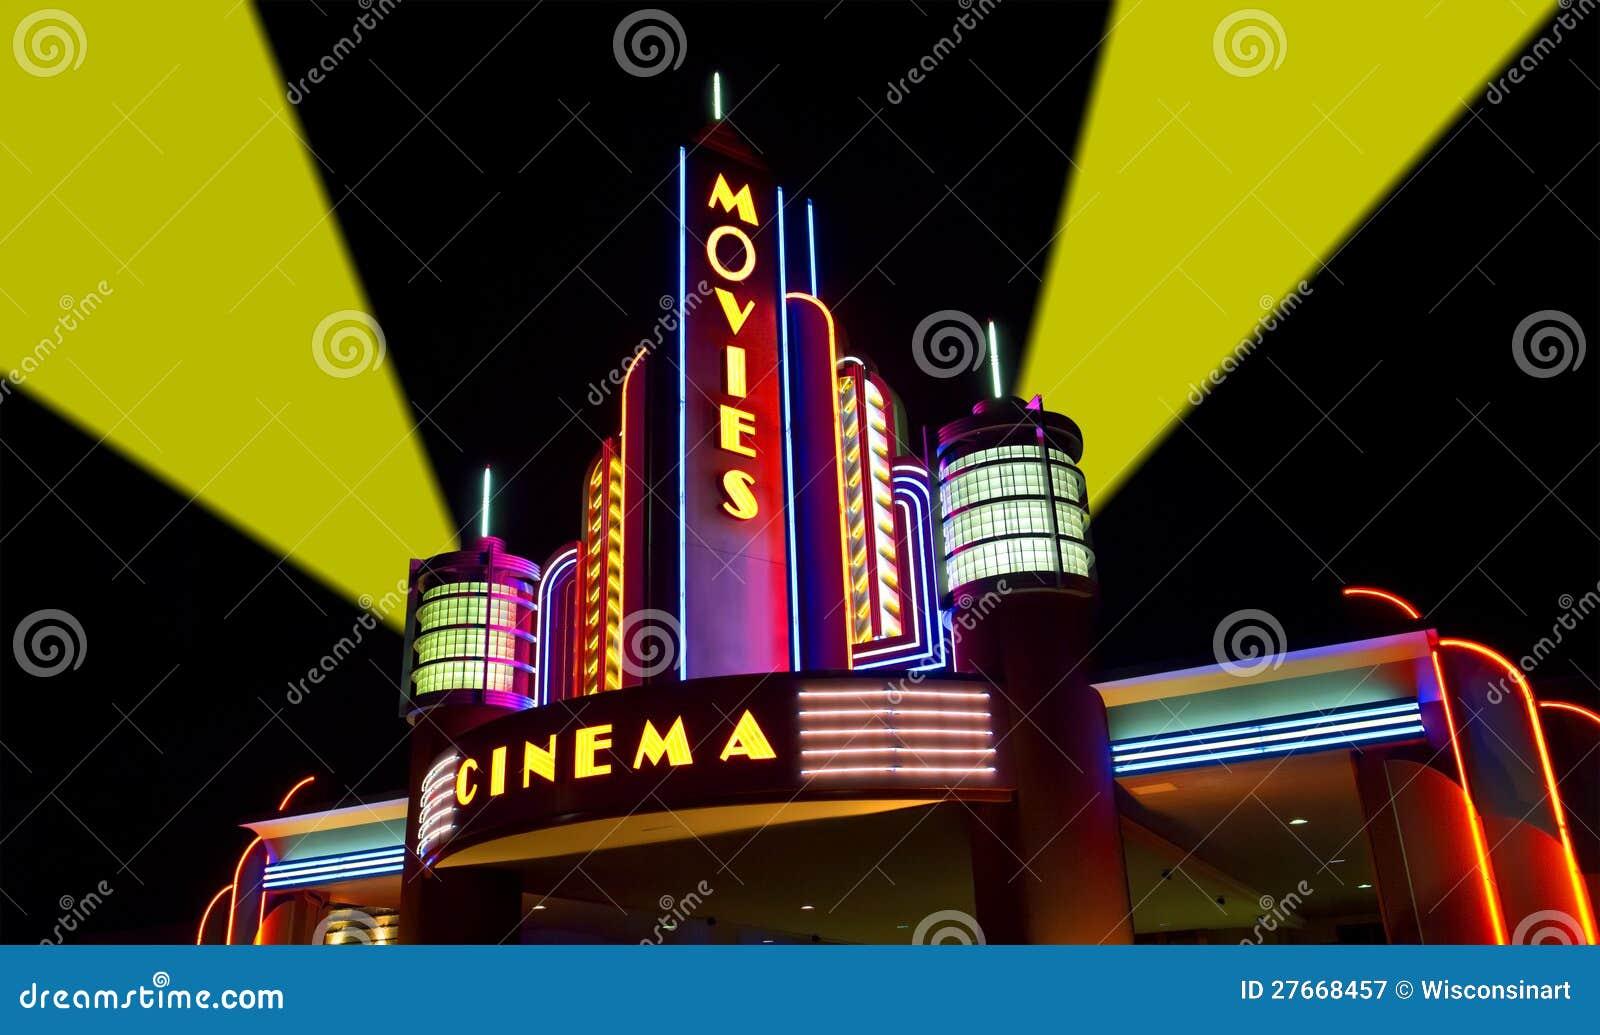 I film, pellicola, cinematografo, cinema